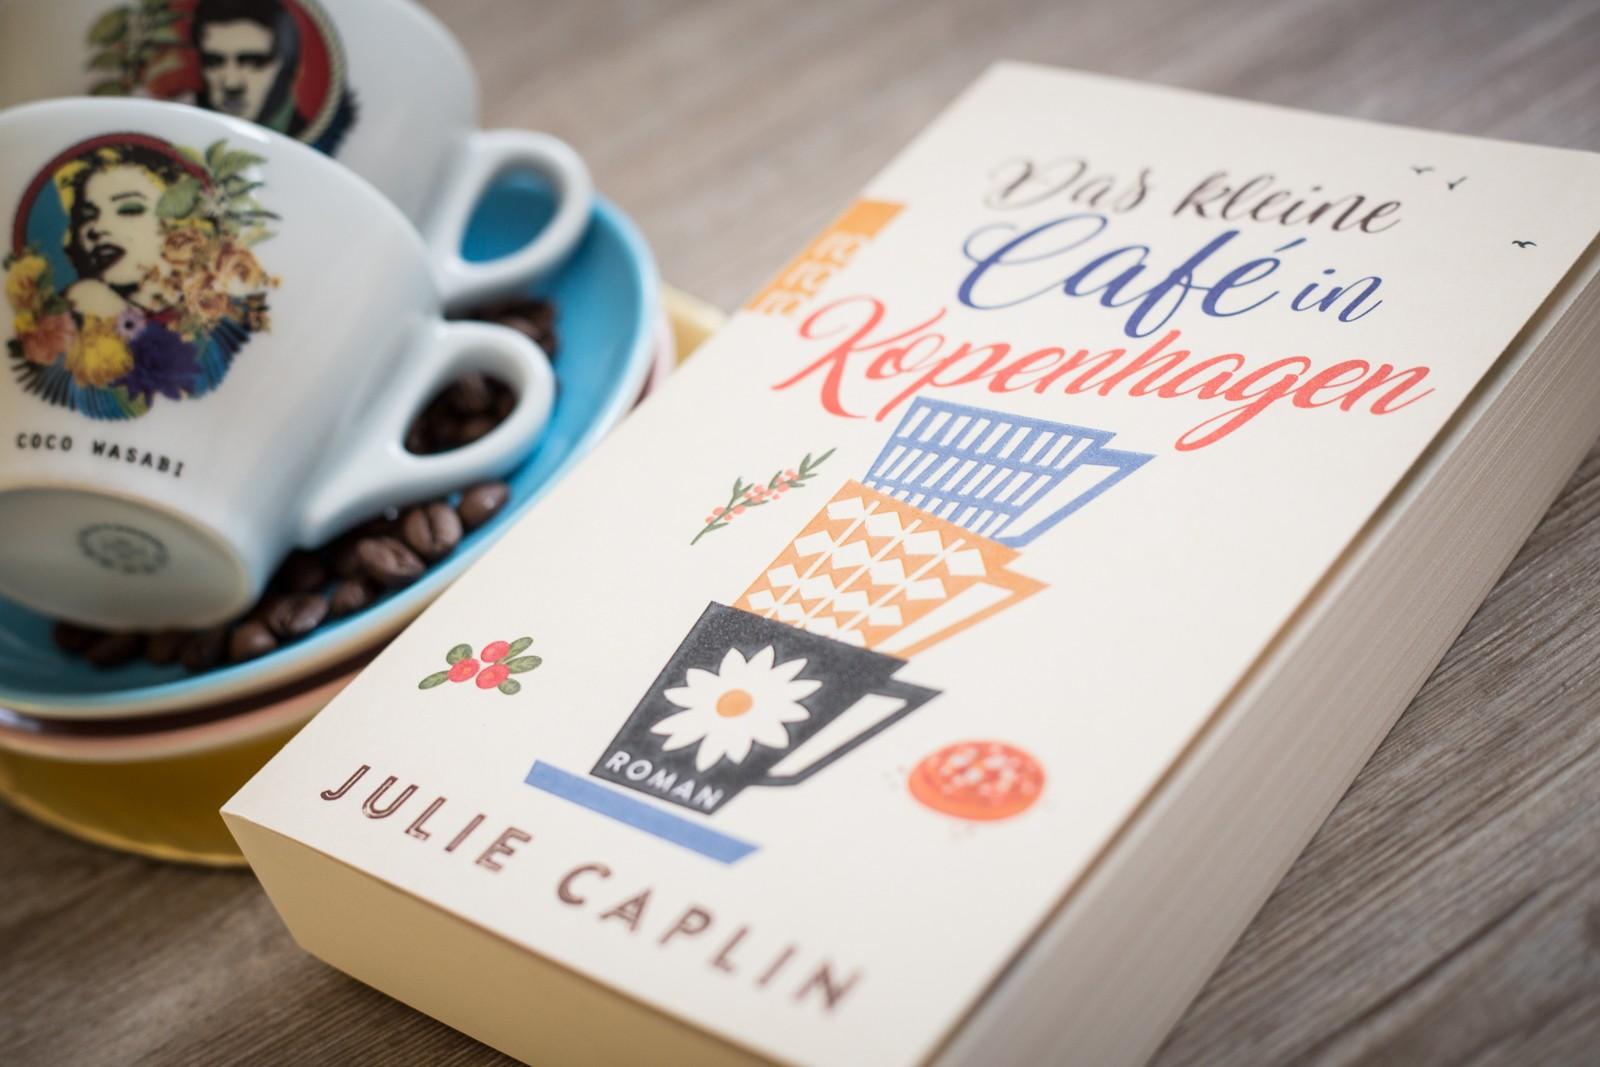 Das kleine Café in Kopfenhagen - Julie Caplin